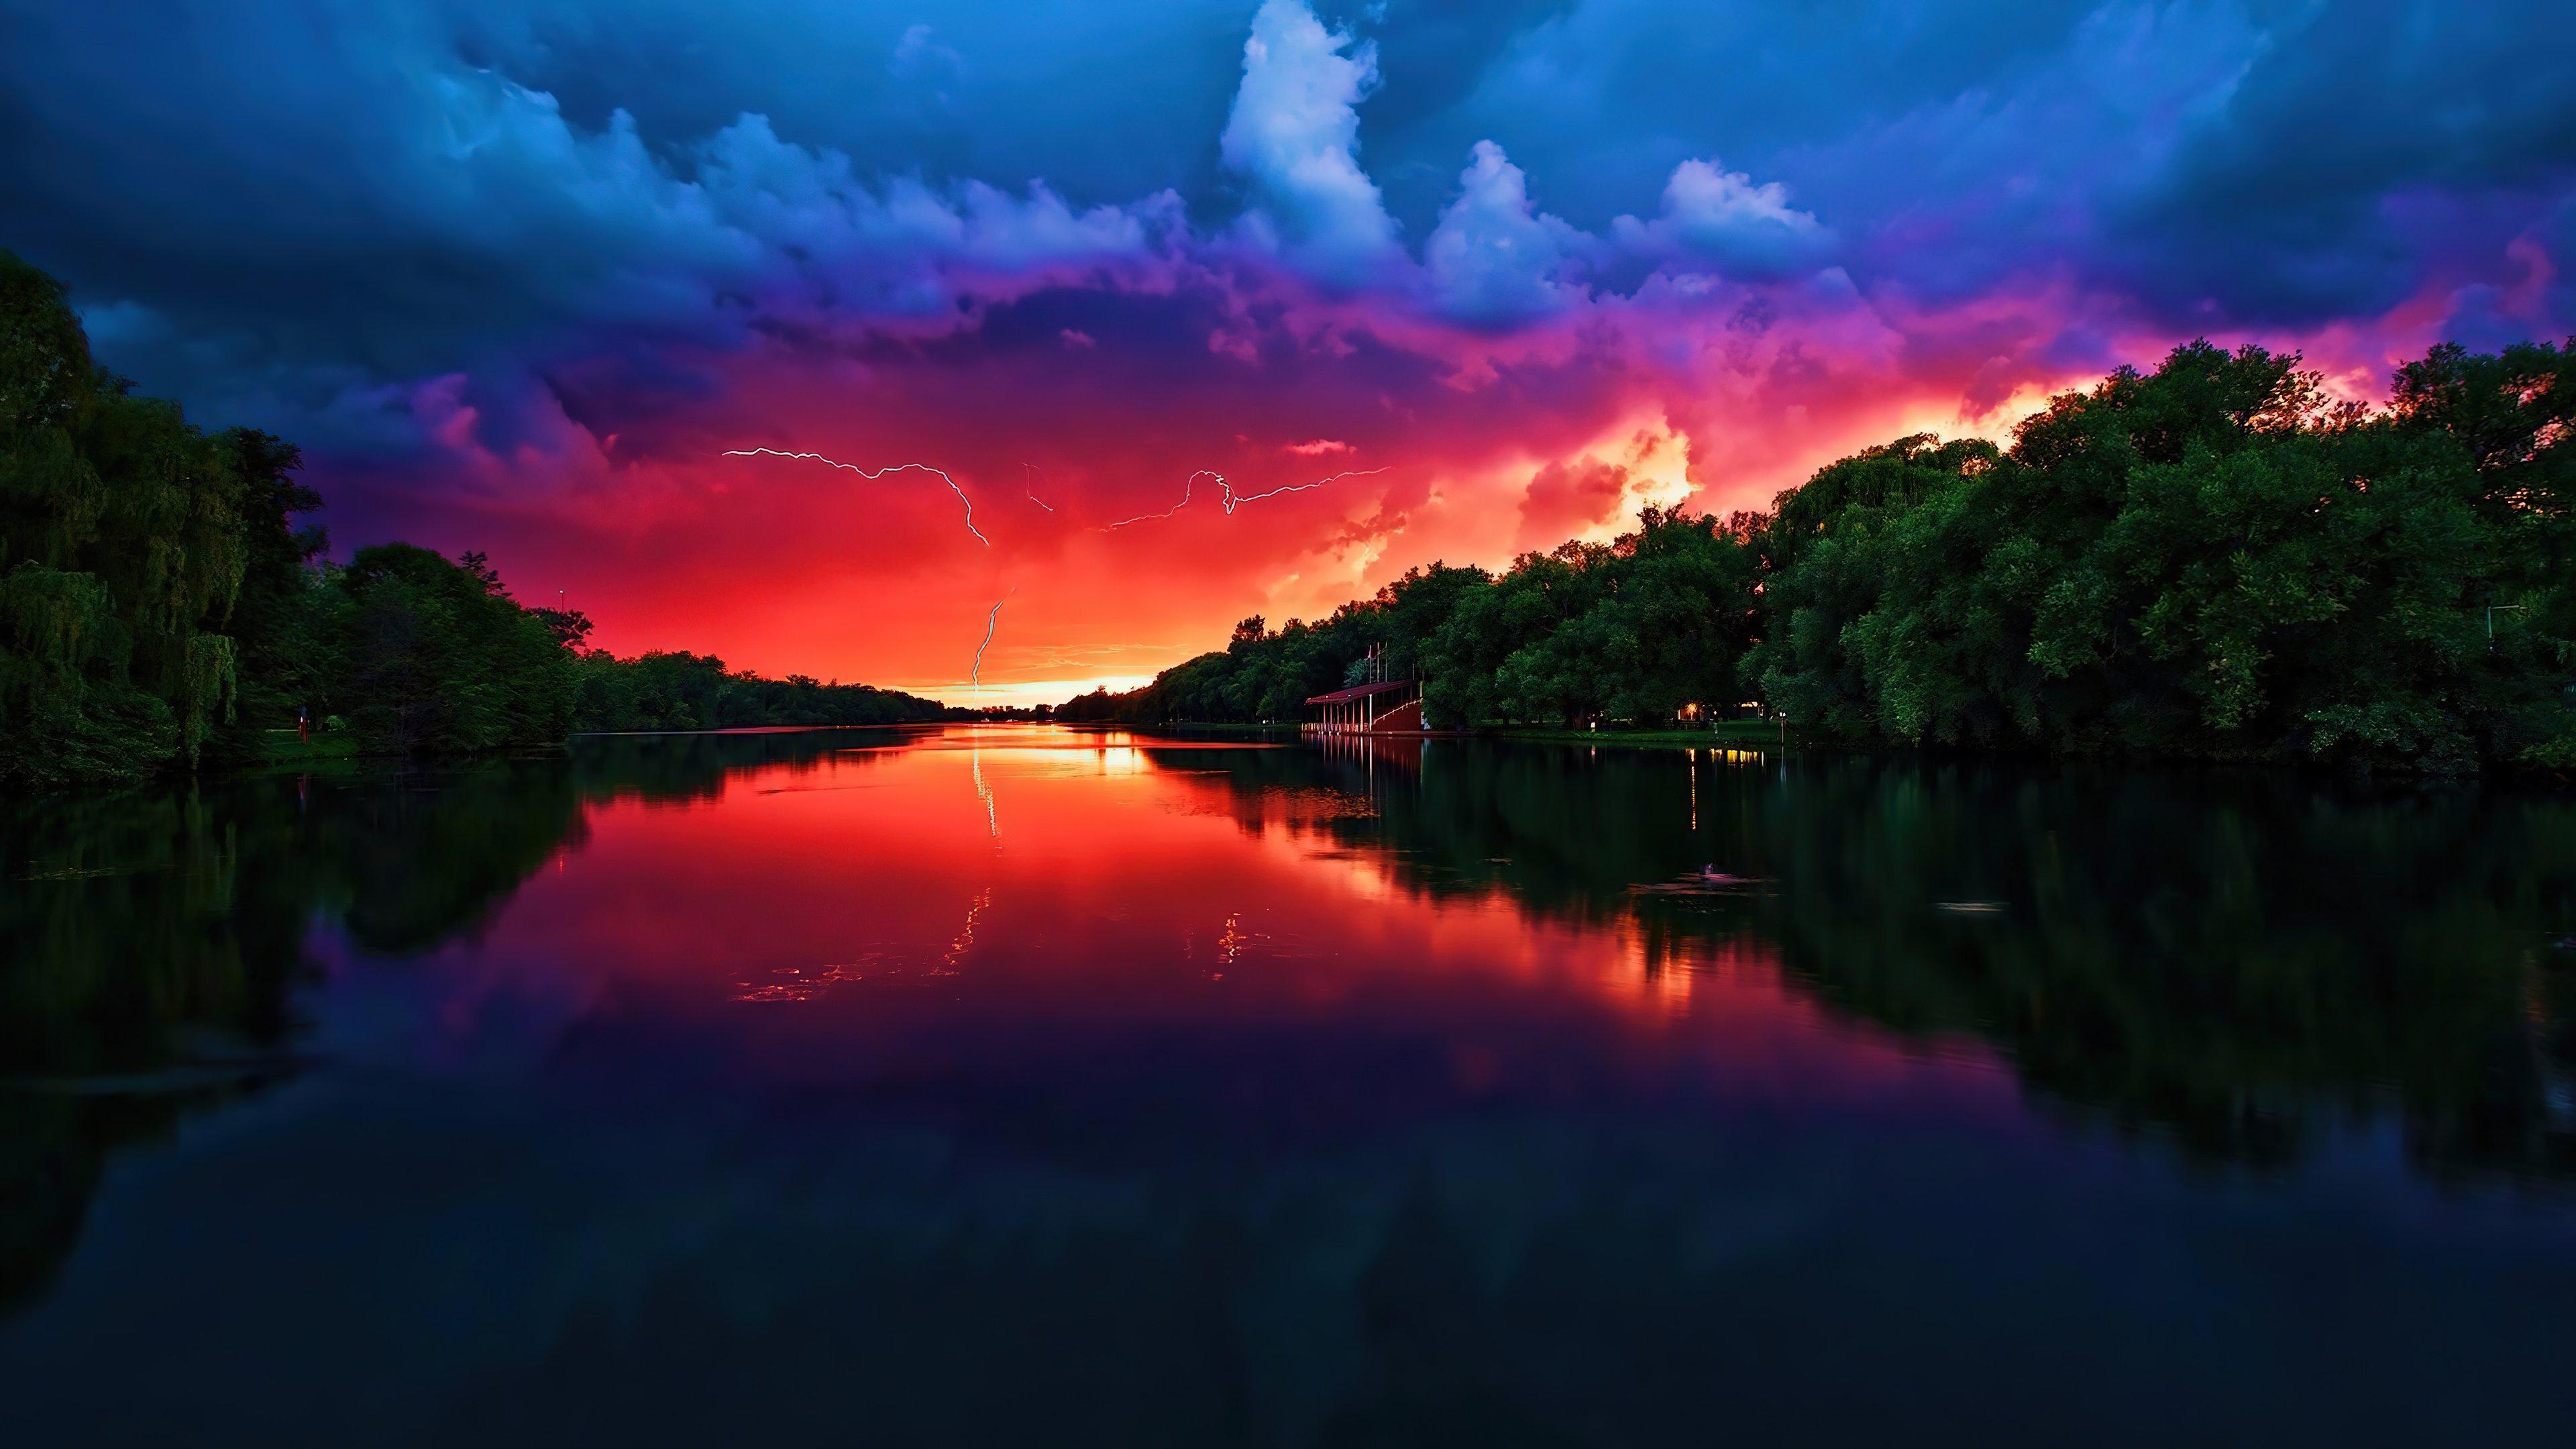 Fondos de pantalla Atardecer nublado en lago